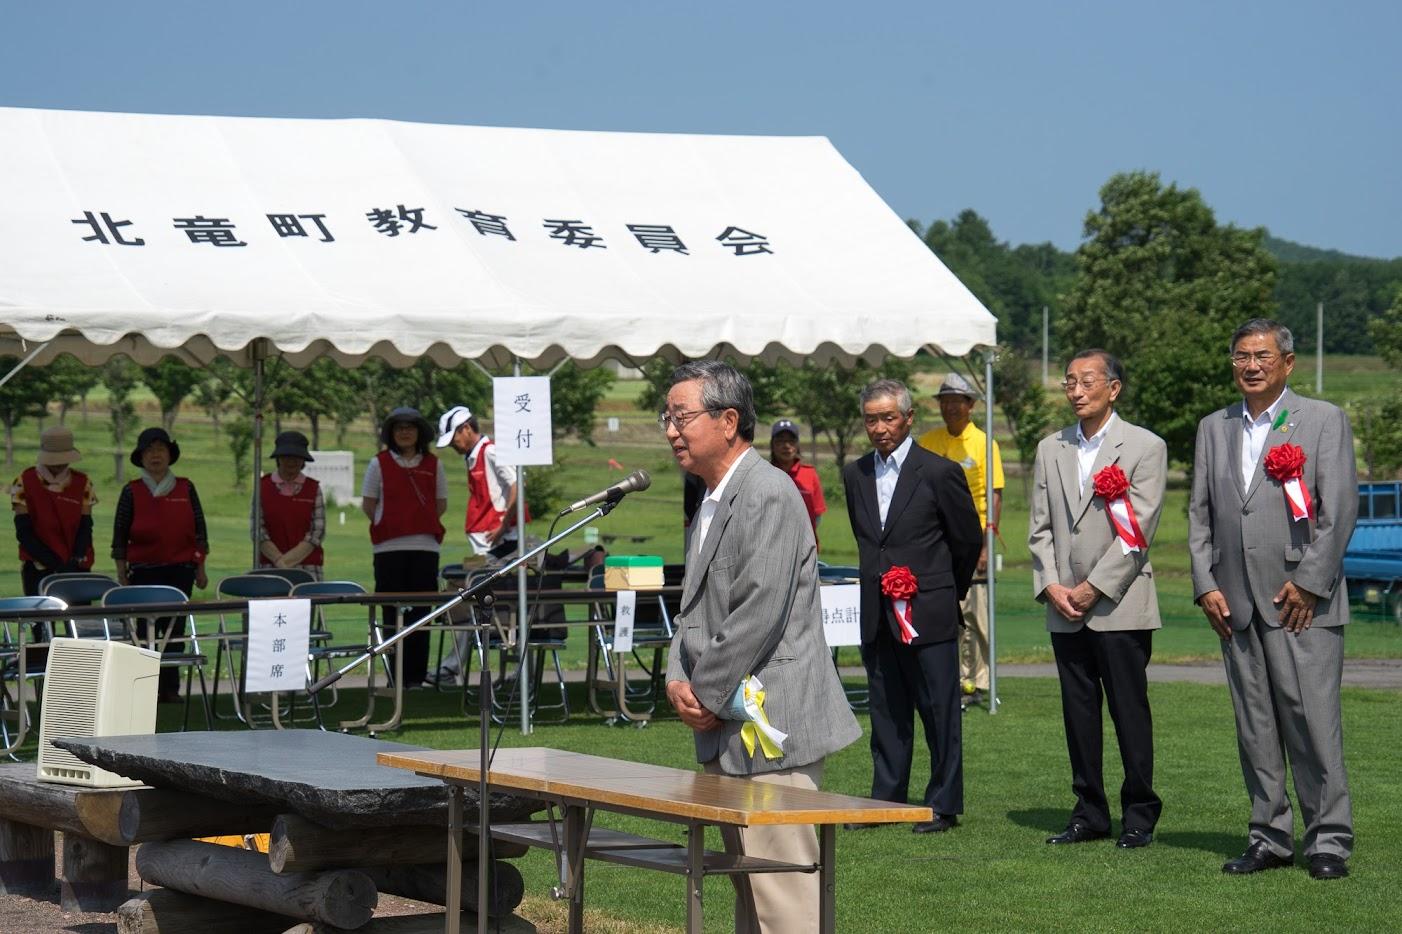 北竜町ひまわり長寿会連合会・北清昭義 会長による開会宣言